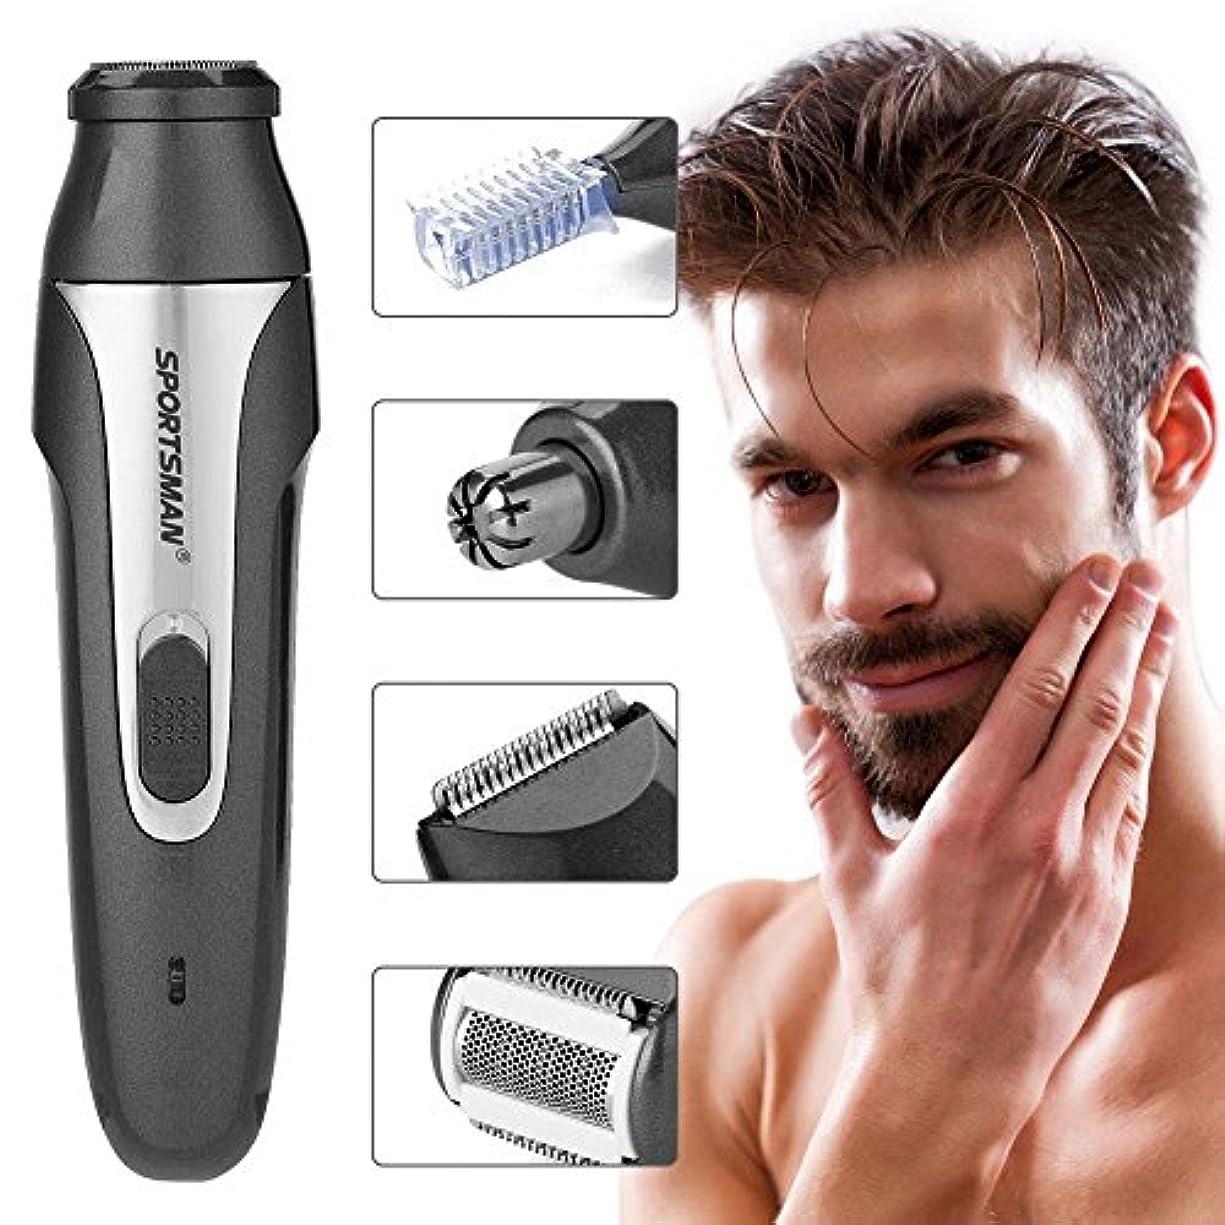 リード日帰り旅行にライオネルグリーンストリート鼻毛トリマー、USB 5 in 1充電式防水電気シェーバーカミソリ (ブラック)